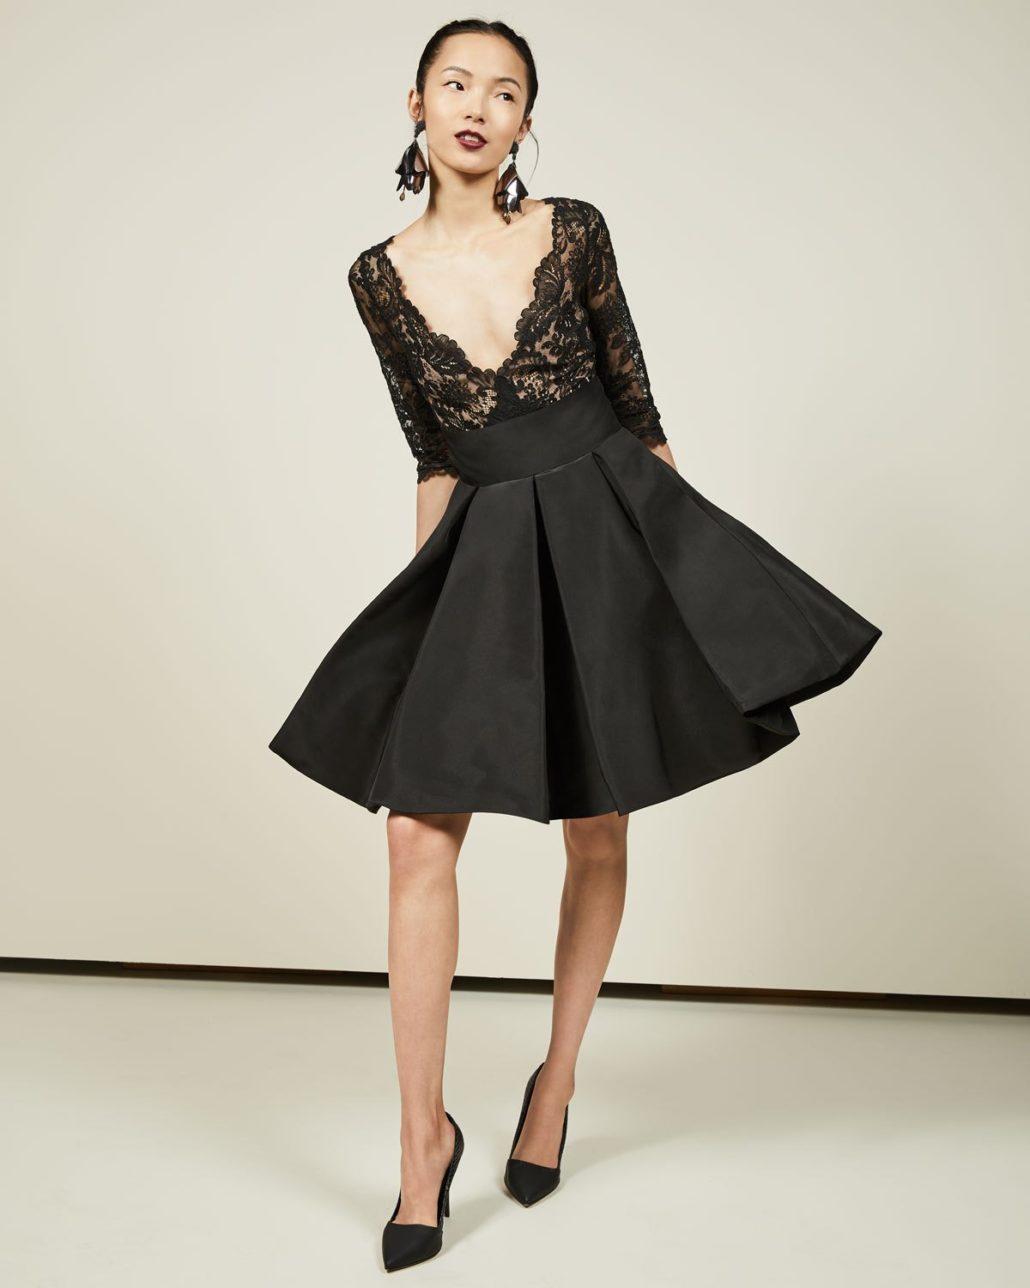 Oscar de la Renta 3/4-Sleeve Lace Bubble-Skirt Cocktail Dress